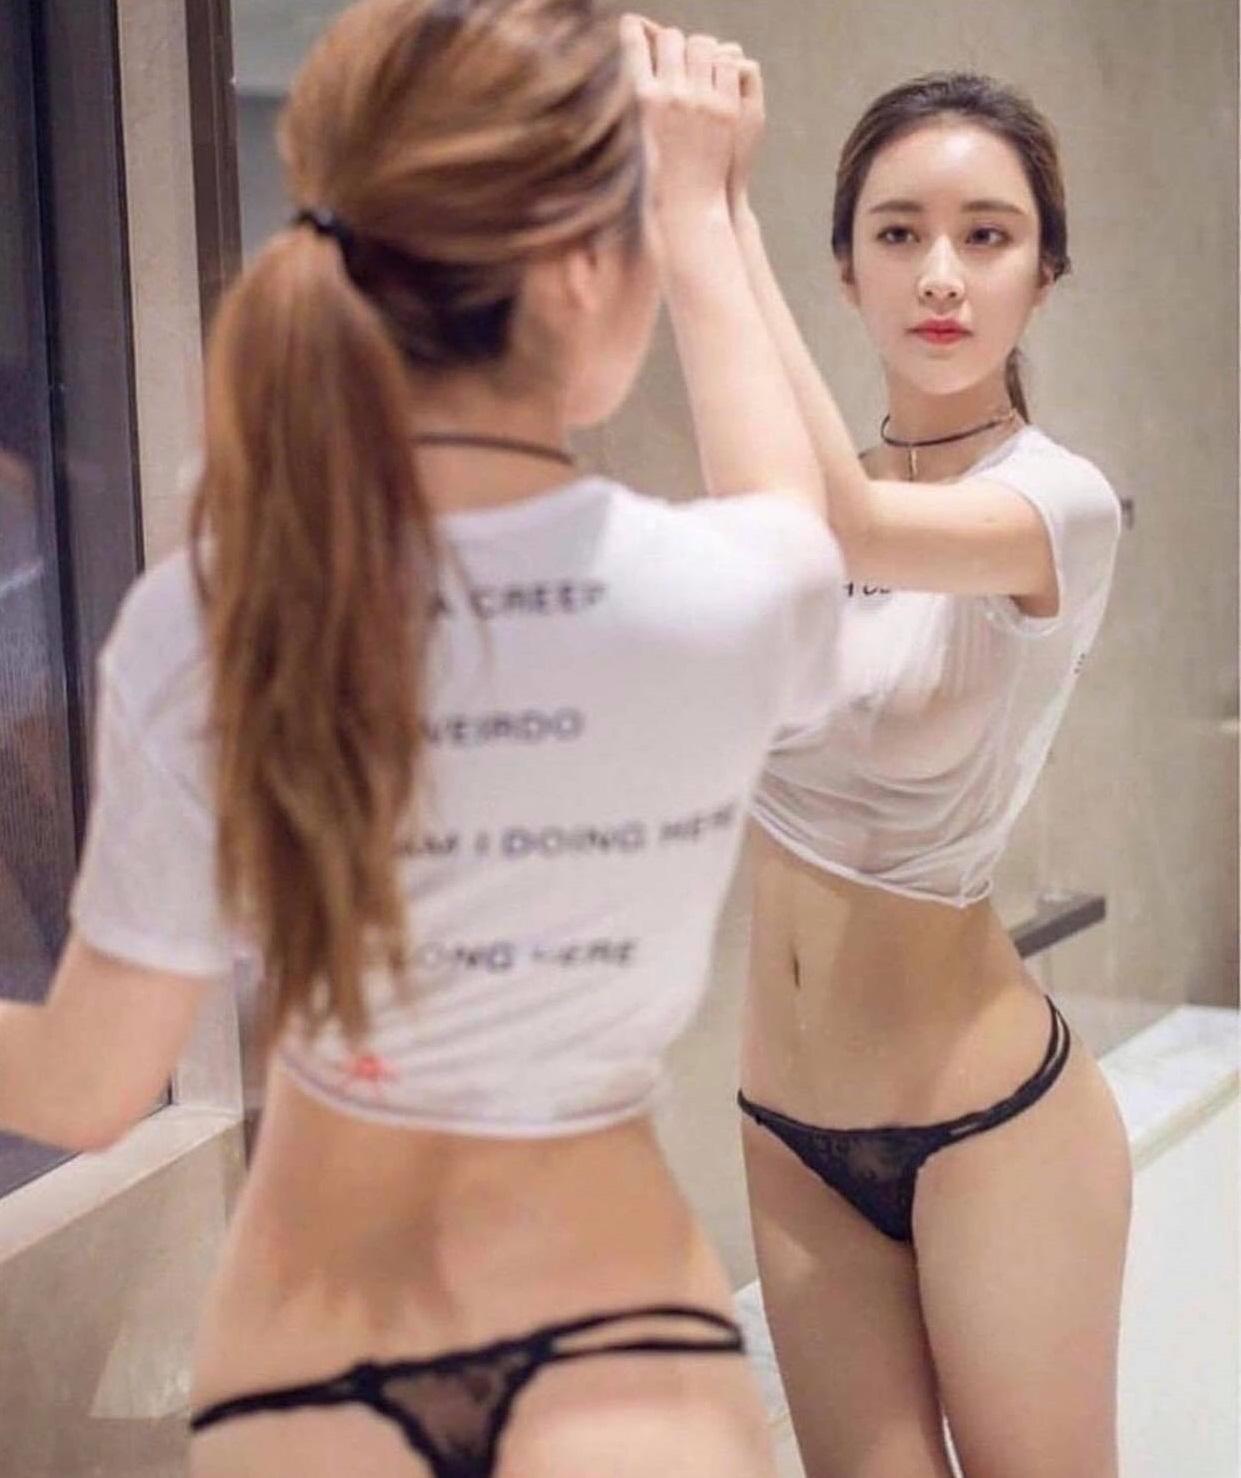 Thiếu nữ châu Á khoe bụng phẳng chân nuột với áo phông - 7